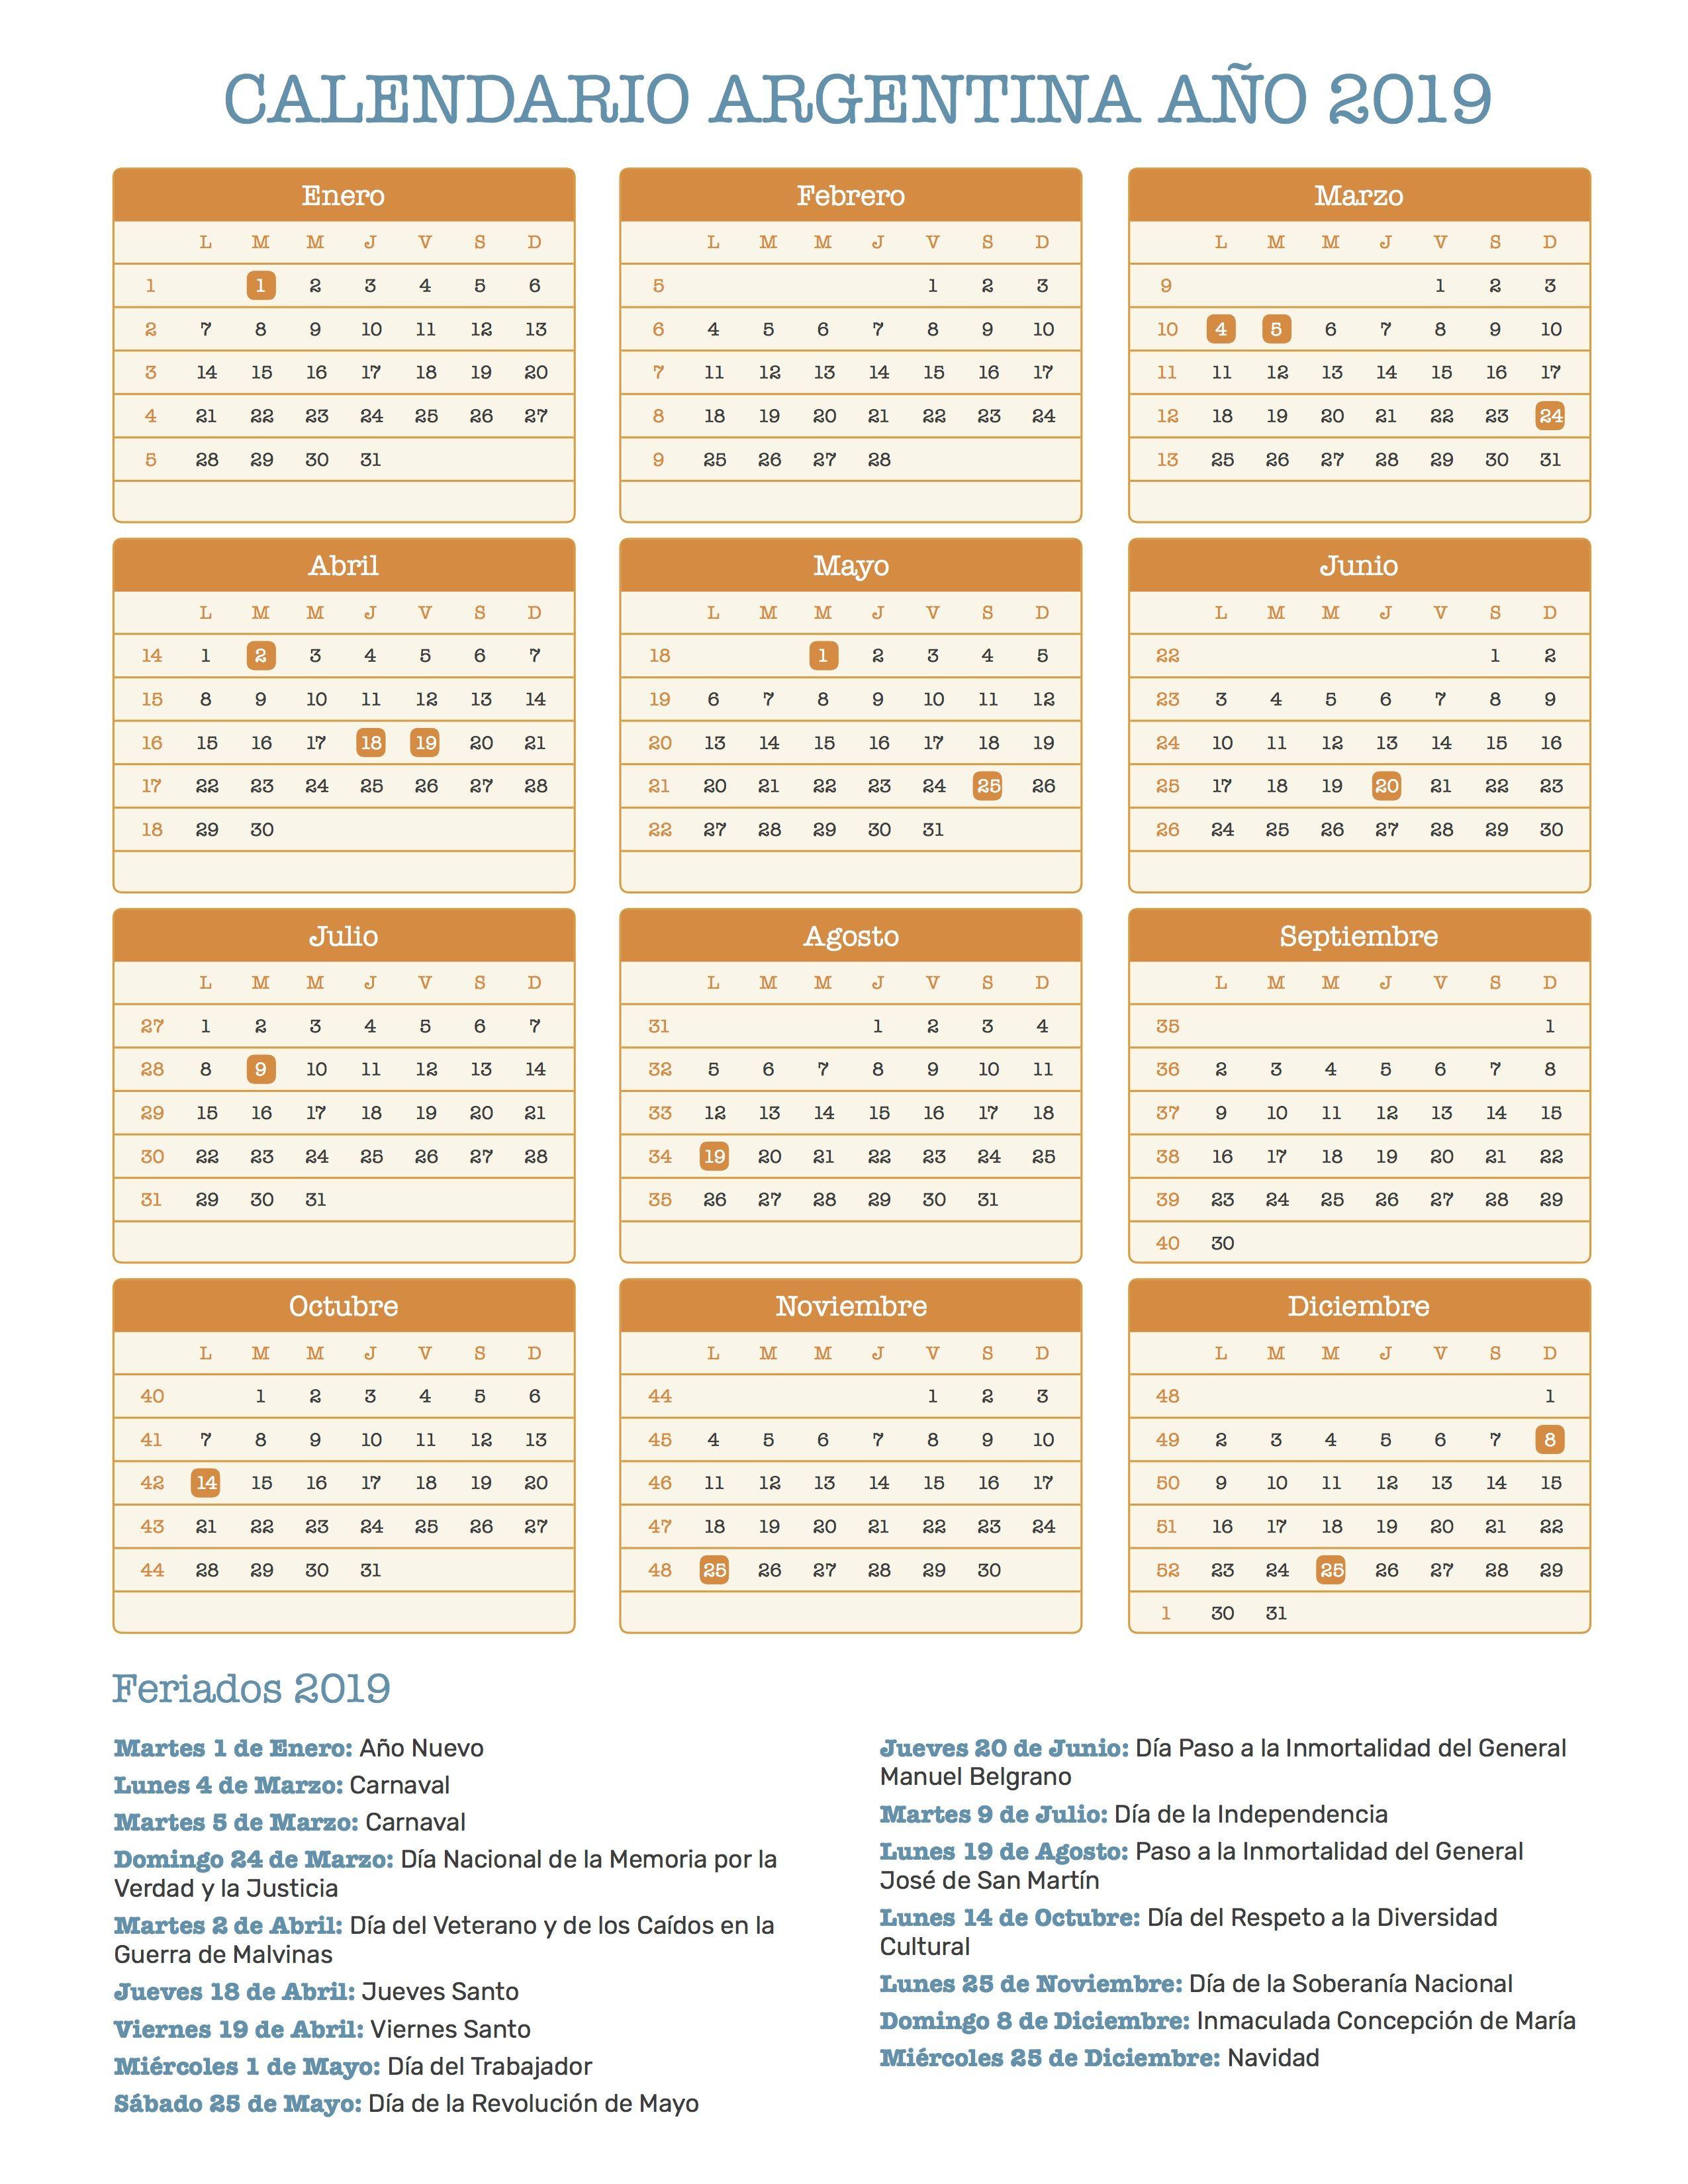 Calendario Chile 2019 Con Feriados.Calendario Argentina Ano 2019 Feriados Calendario